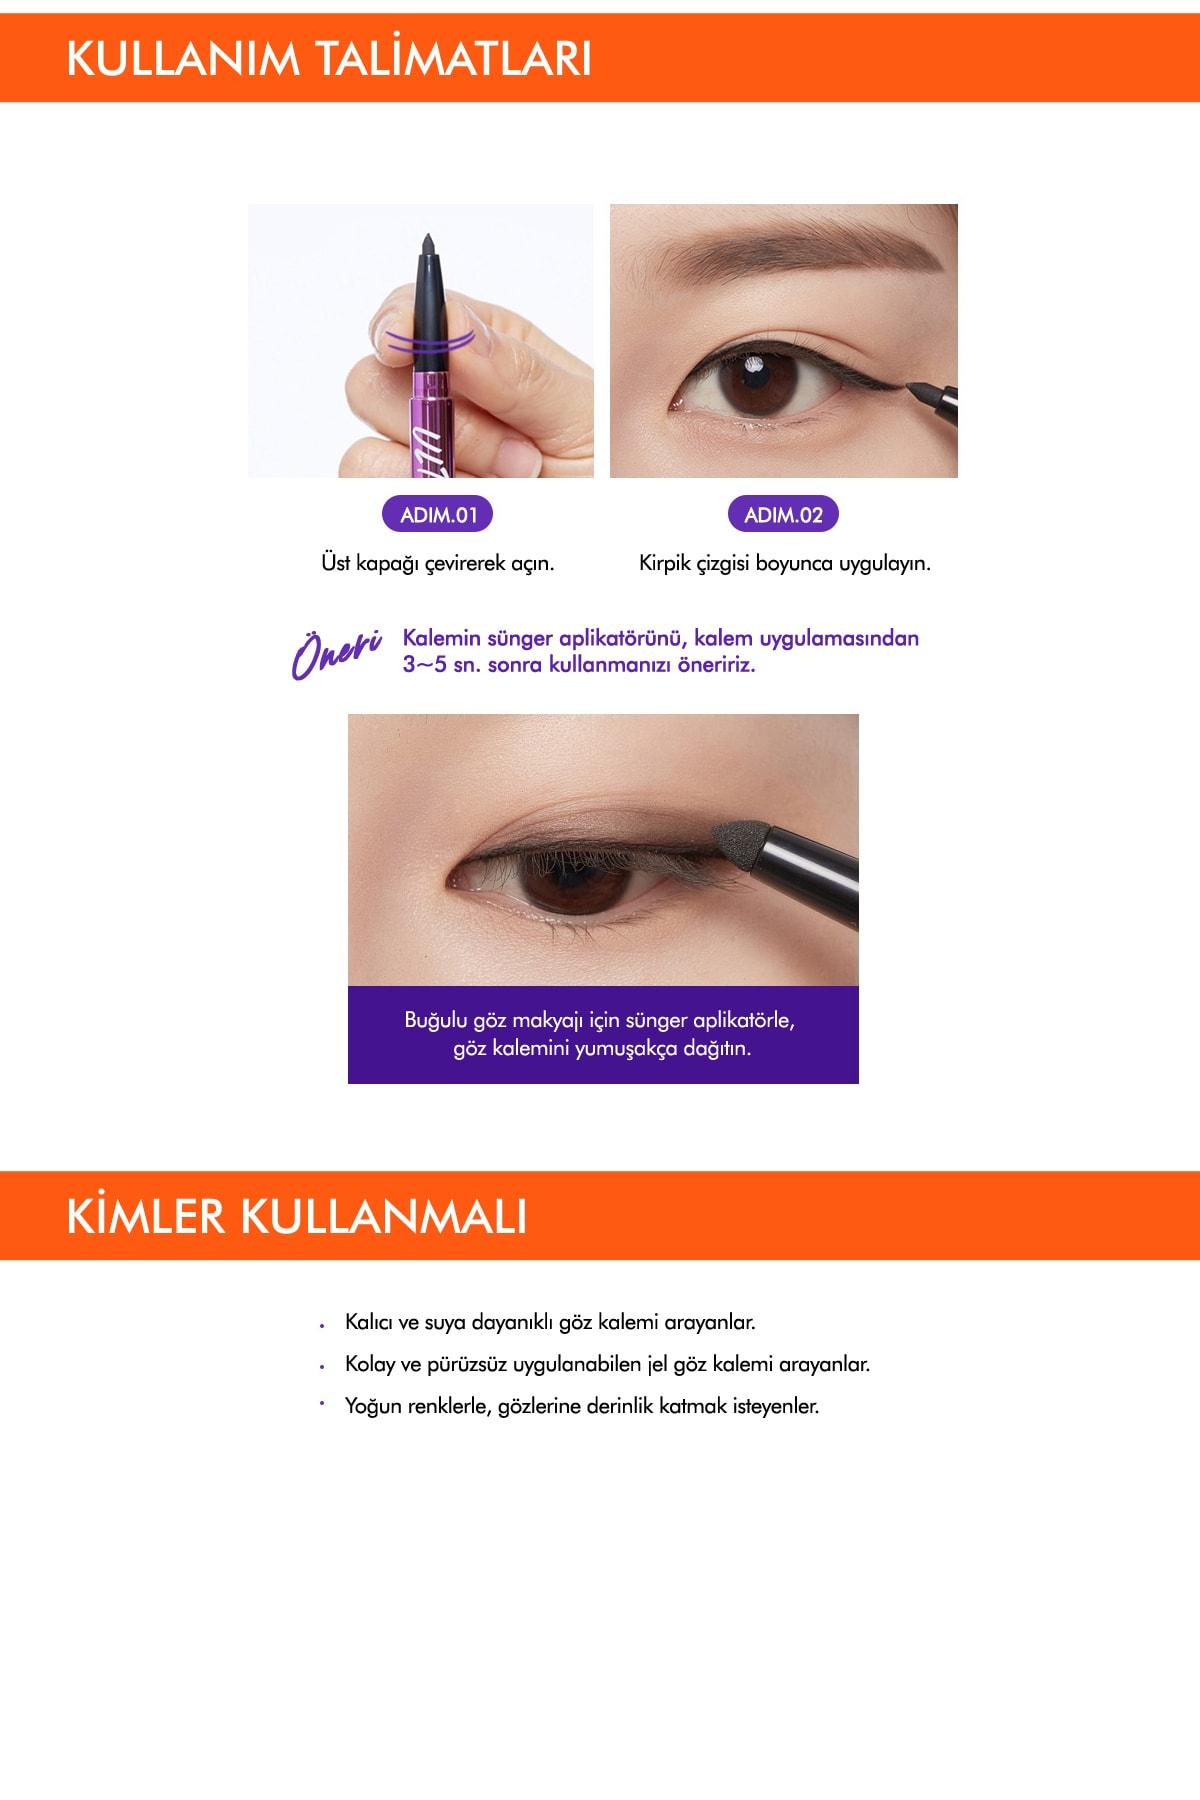 Missha Kalıcı Suya Dayanıklı Jel Göz Kalemi MISSHA Ultra Powerproof Pencil Eyeliner [Brown] 8809643506182 4